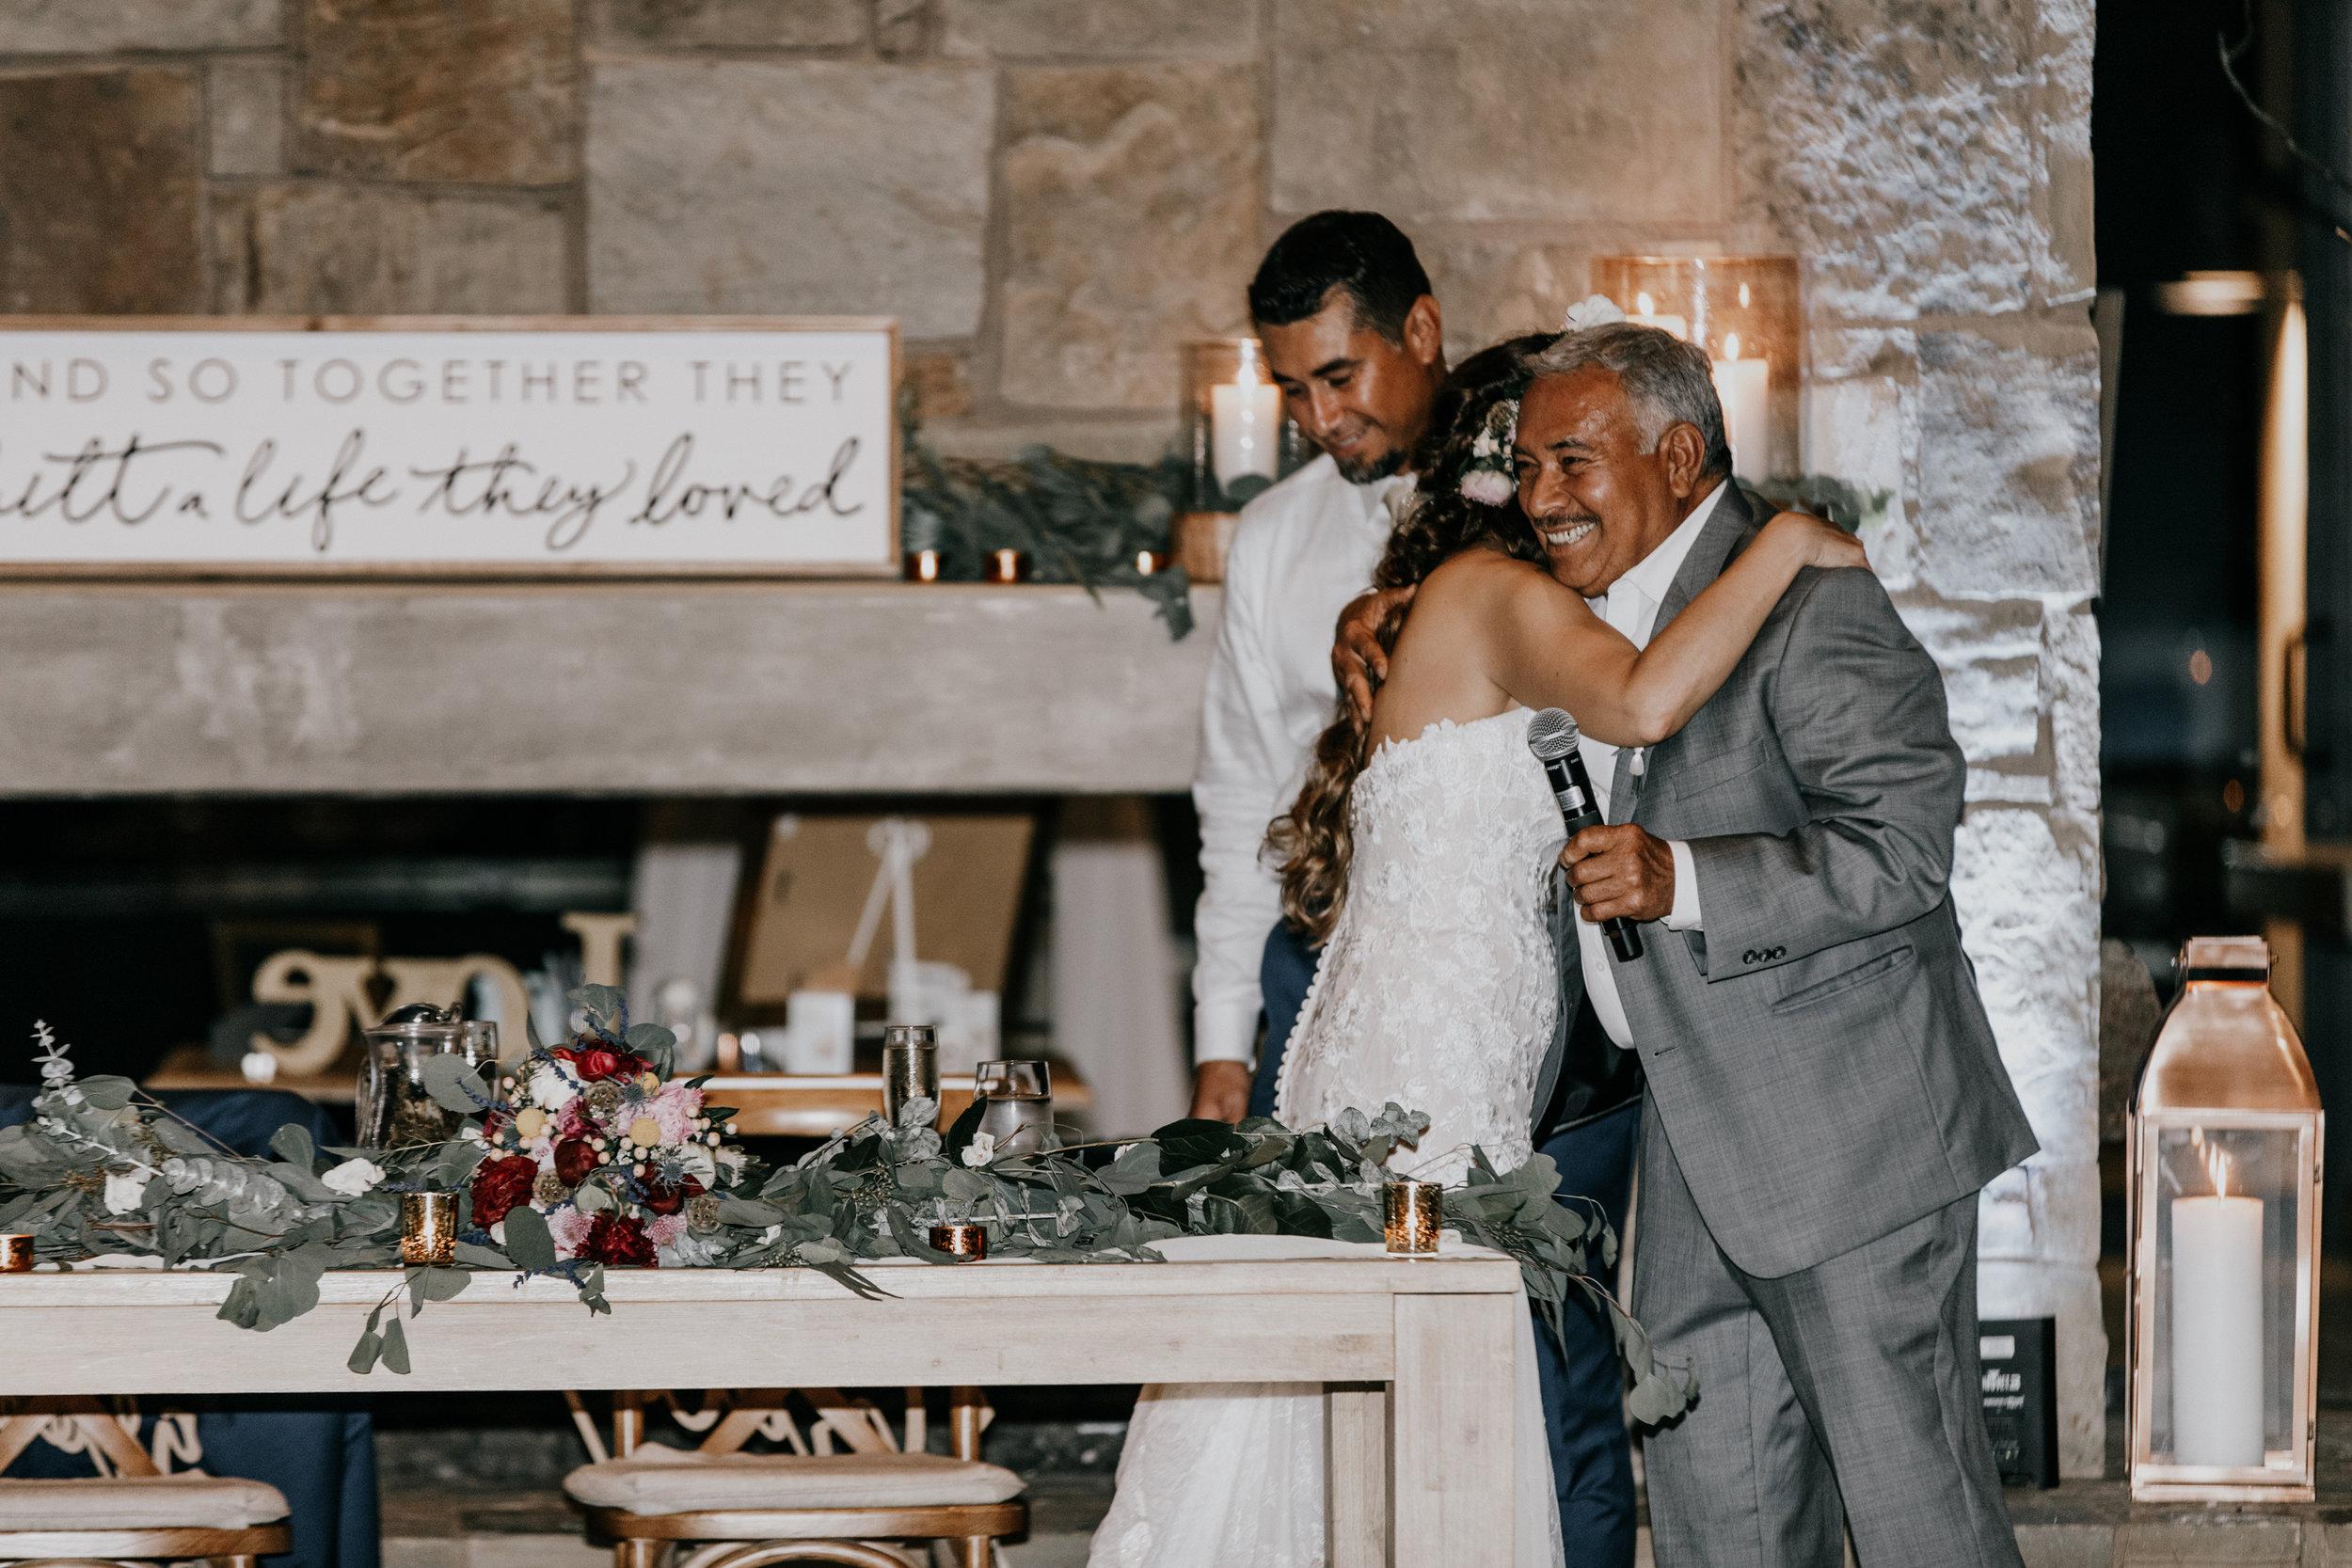 WeddingphotographerinLajolla.jpg